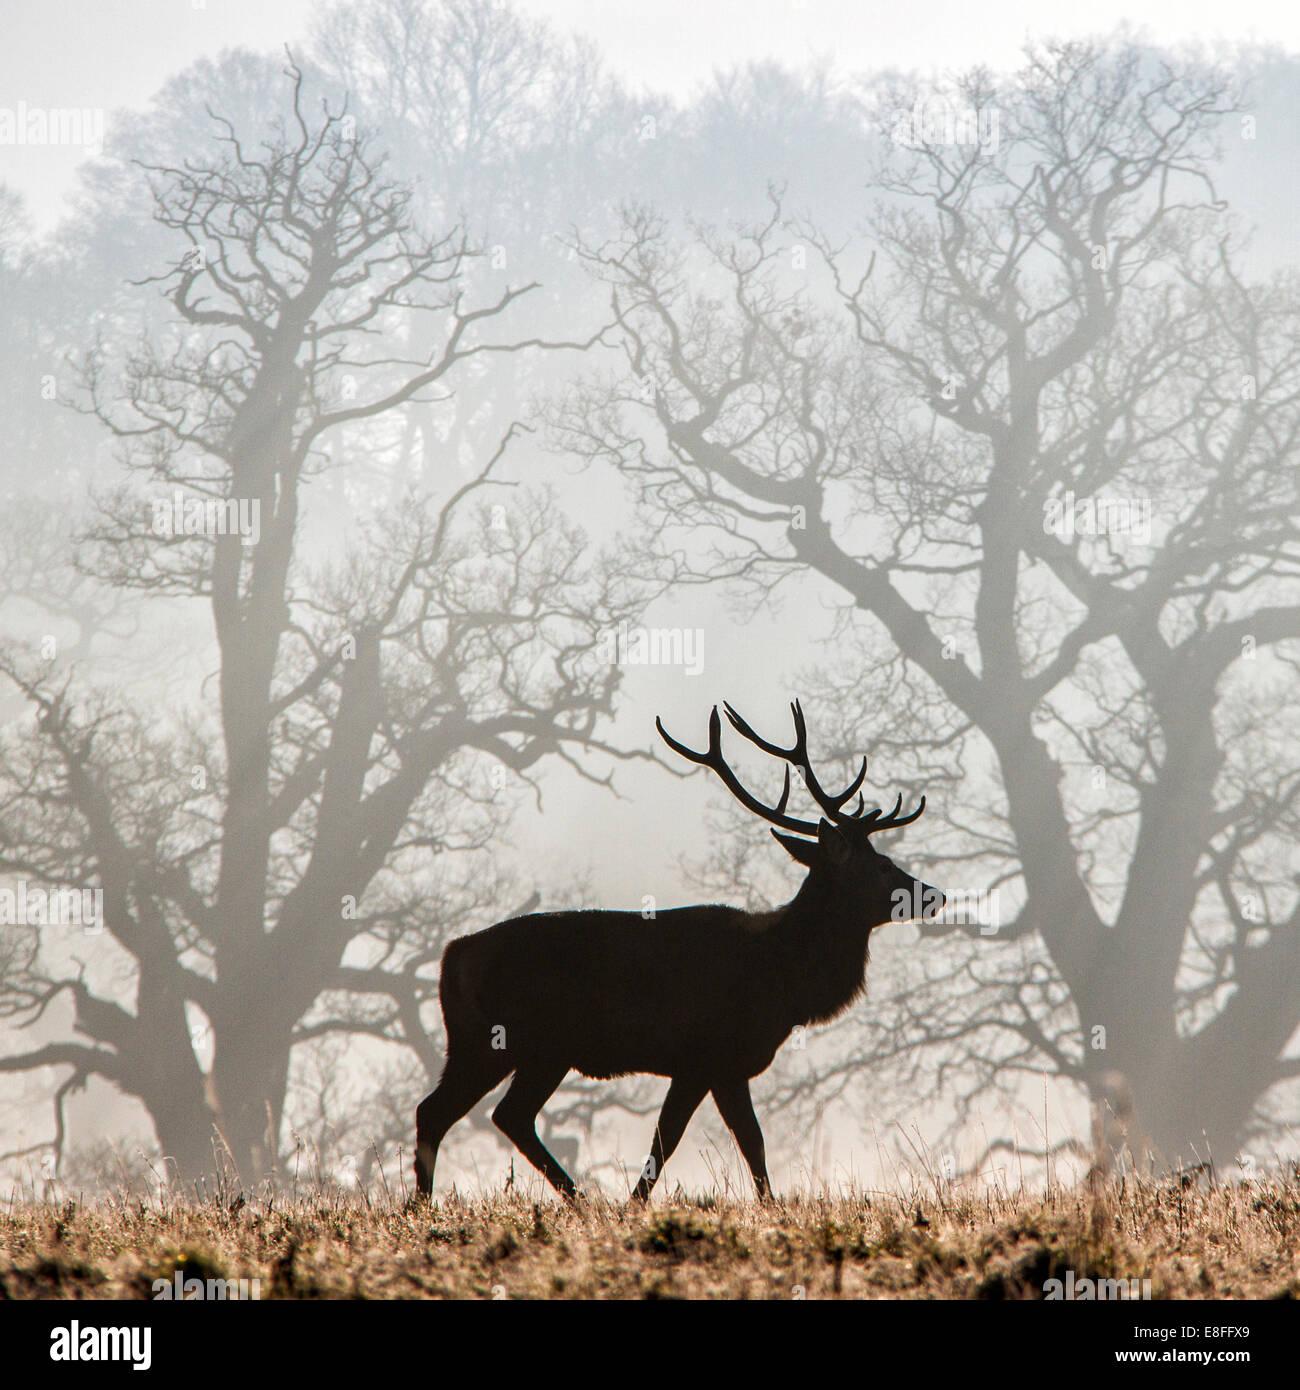 Deer standing in park, Berkshire, England, UK - Stock Image